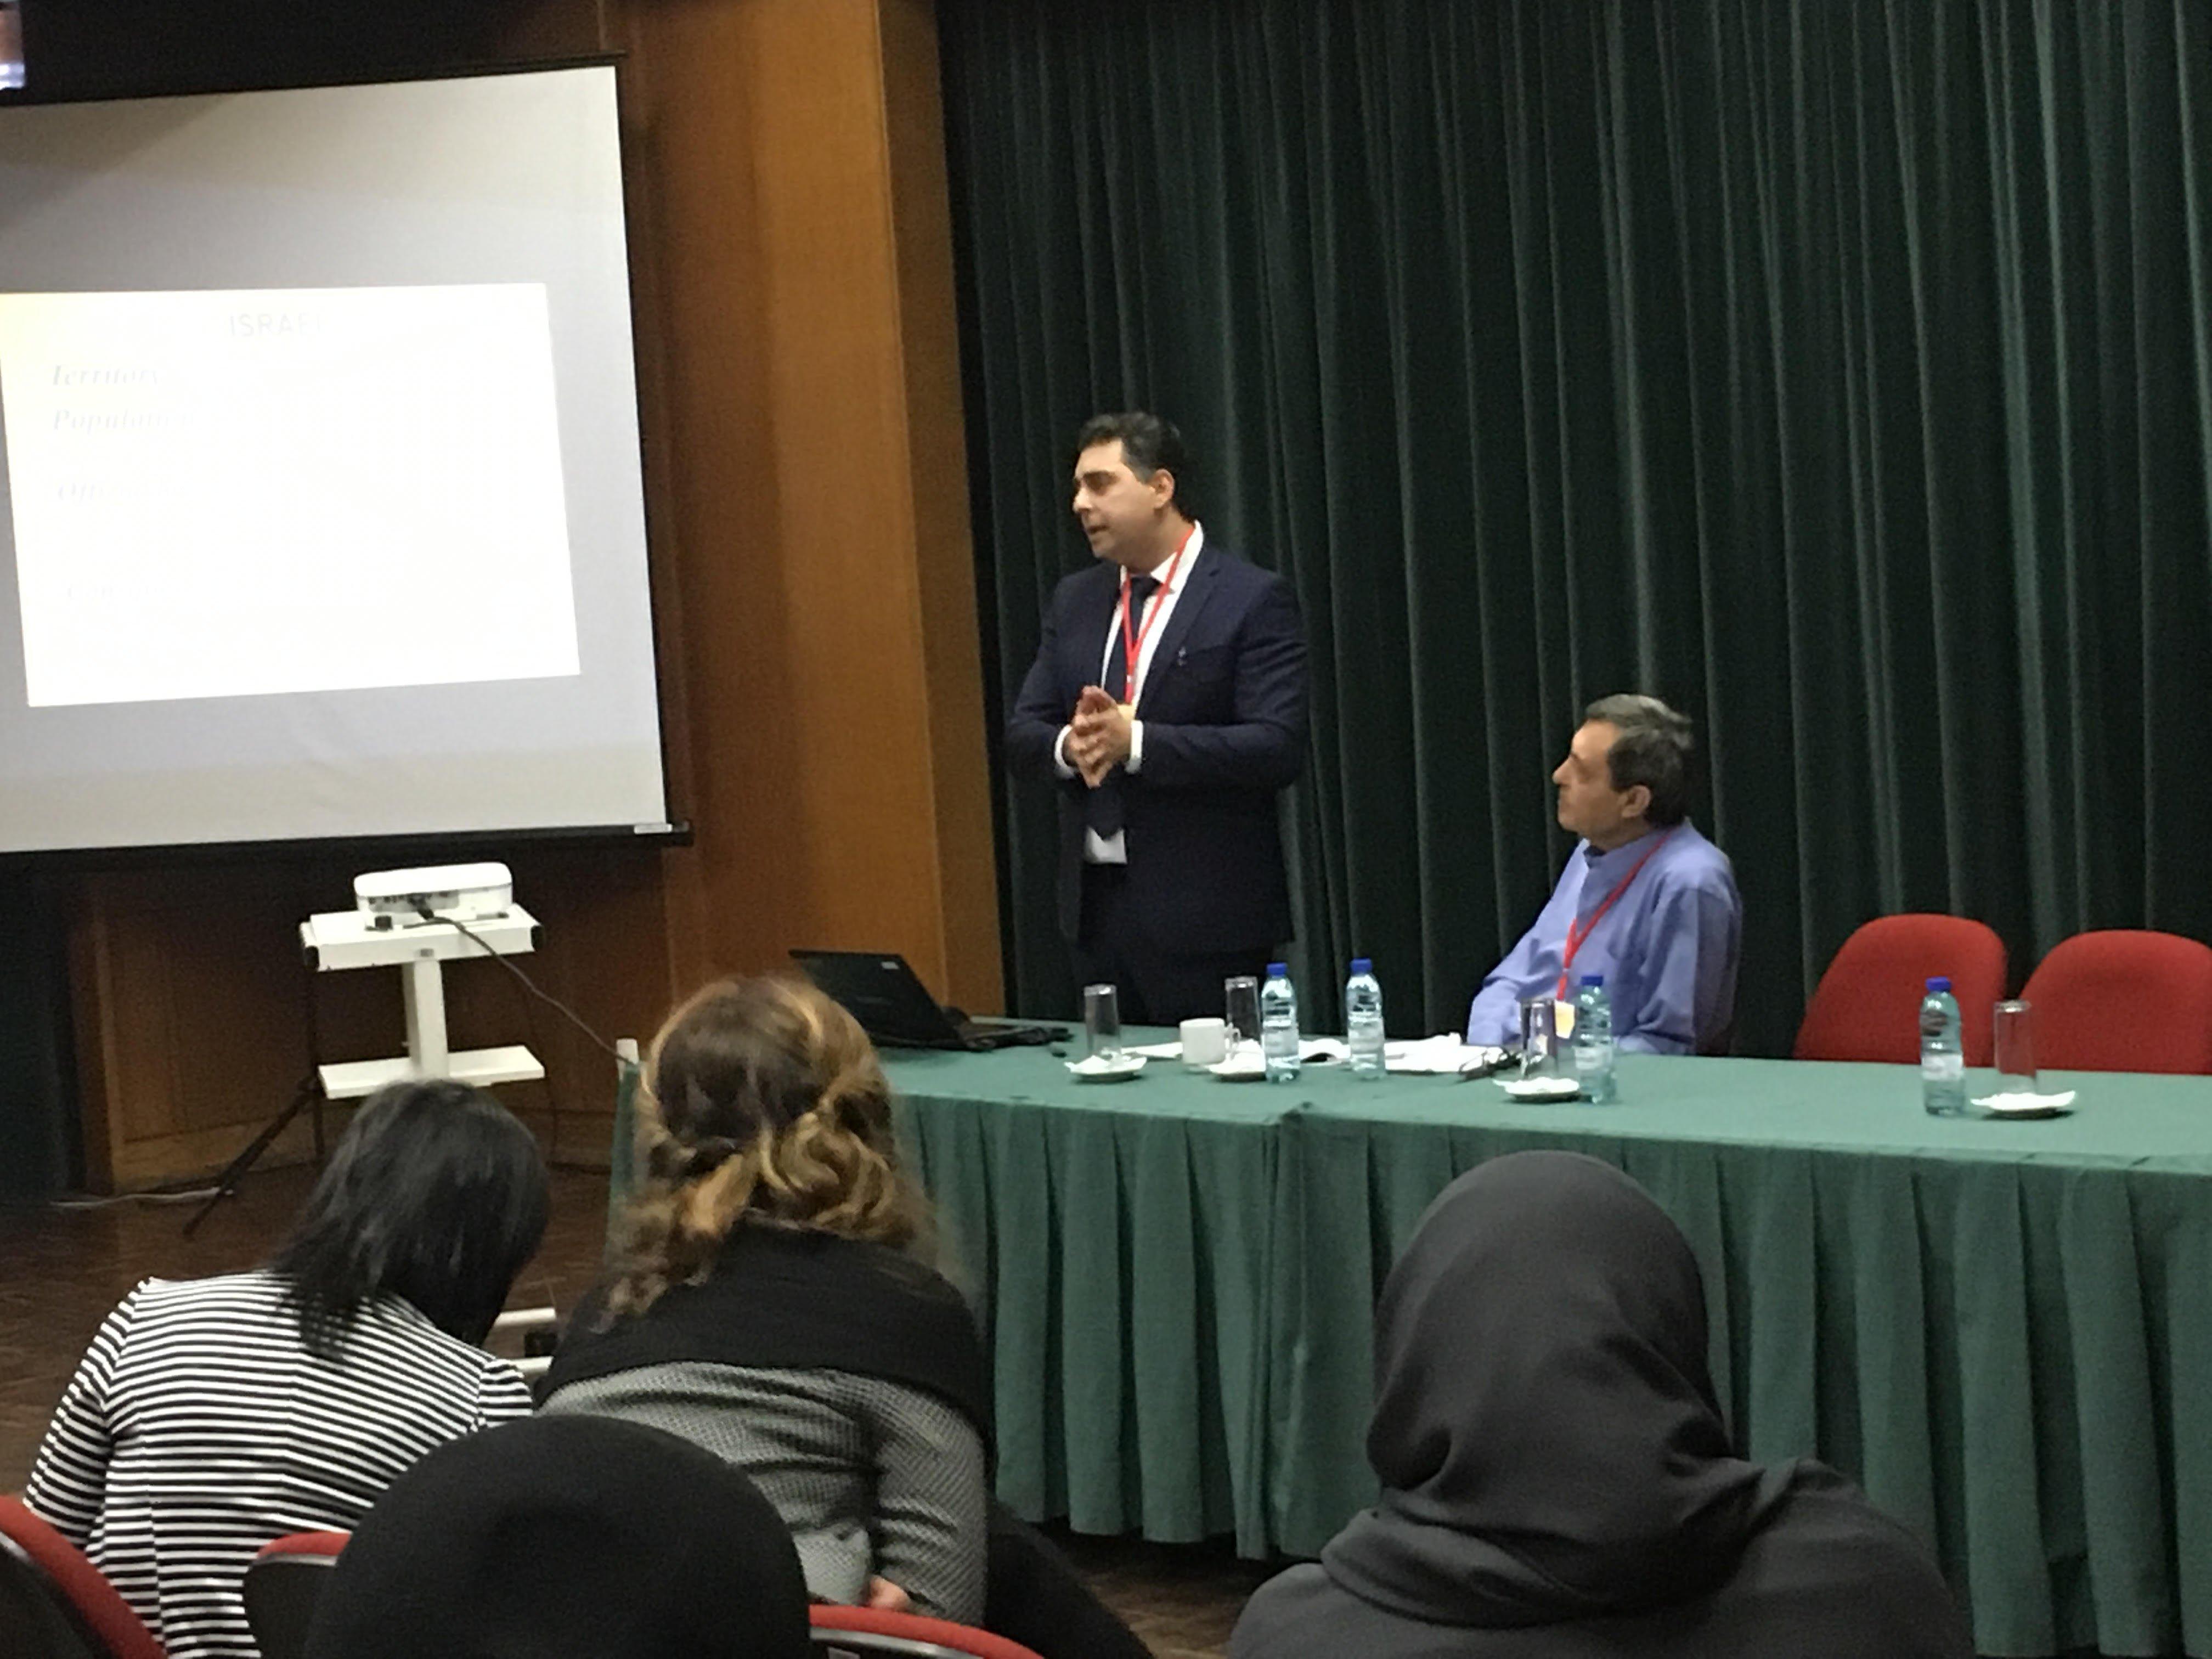 محاضرة للمحامي قيس ناصر في المؤتمر الدولي للتخطيط في البرتغال